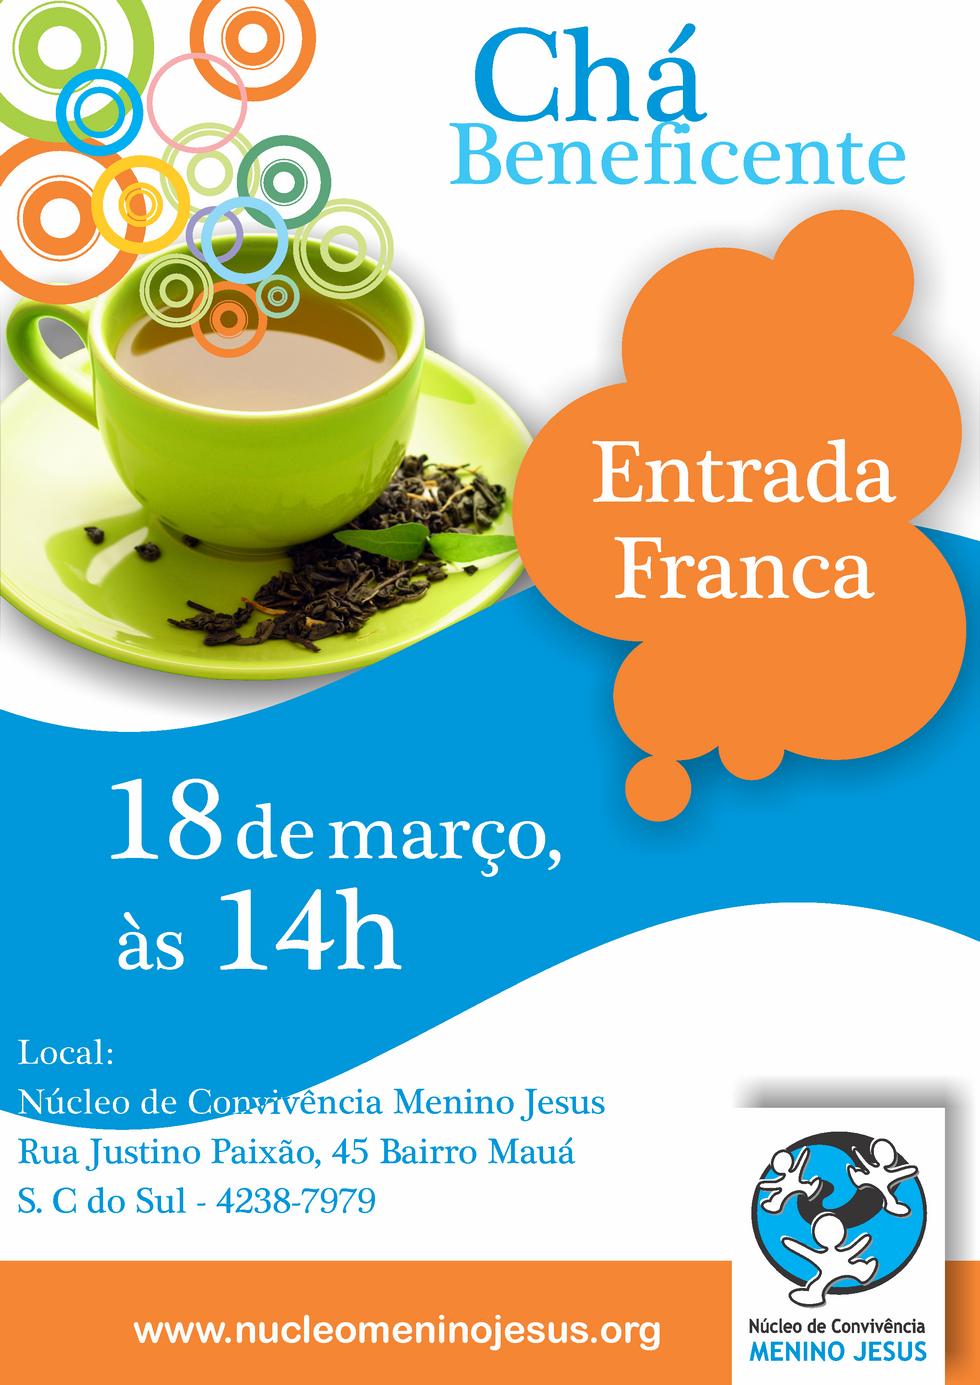 Chá Beneficente 18 de Março de 2014 às 14h